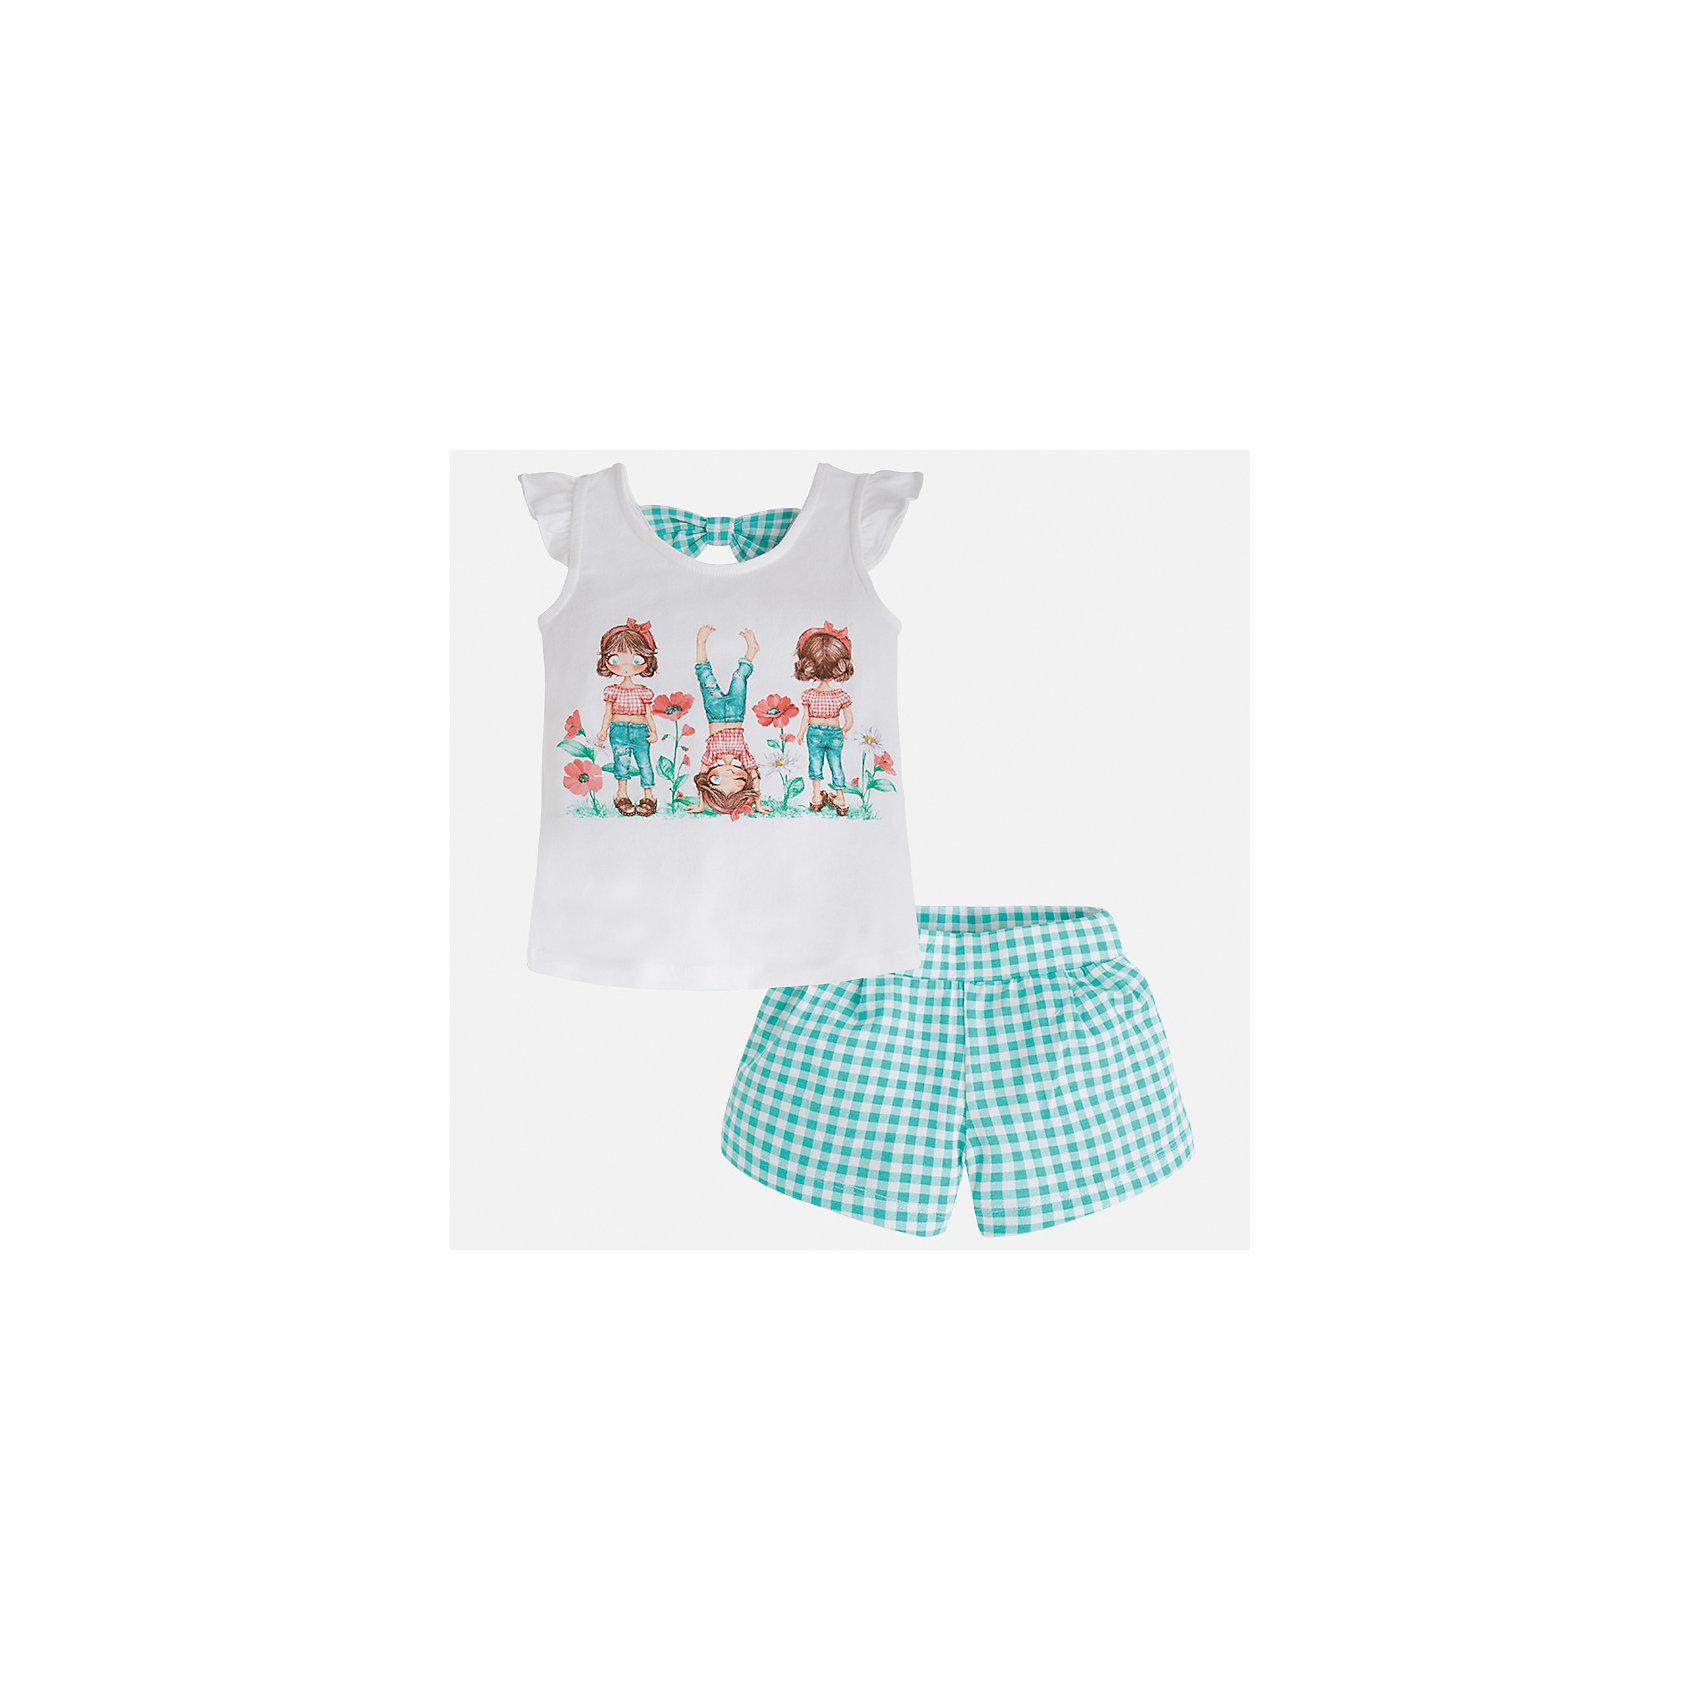 Комплект: футболка и шорты для девочки MayoralКомплекты<br>Характеристики товара:<br><br>• цвет: белый/зеленый<br>• состав: 95% хлопок, 5% эластан<br>• комплектация: футболка, шорты<br>• футболка декорирована принтом<br>• шорты в клетку<br>• пояс на резинке<br>• страна бренда: Испания<br><br>Стильный качественный комплект для девочки поможет разнообразить гардероб ребенка и удобно одеться в теплую погоду. Он отлично сочетается с другими предметами. Универсальный цвет позволяет подобрать к вещам верхнюю одежду практически любой расцветки. Интересная отделка модели делает её нарядной и оригинальной. В составе материала - натуральный хлопок, гипоаллергенный, приятный на ощупь, дышащий.<br><br>Одежда, обувь и аксессуары от испанского бренда Mayoral полюбились детям и взрослым по всему миру. Модели этой марки - стильные и удобные. Для их производства используются только безопасные, качественные материалы и фурнитура. Порадуйте ребенка модными и красивыми вещами от Mayoral! <br><br>Комплект для девочки от испанского бренда Mayoral (Майорал) можно купить в нашем интернет-магазине.<br><br>Ширина мм: 191<br>Глубина мм: 10<br>Высота мм: 175<br>Вес г: 273<br>Цвет: синий<br>Возраст от месяцев: 18<br>Возраст до месяцев: 24<br>Пол: Женский<br>Возраст: Детский<br>Размер: 92,134,98,104,110,116,122,128<br>SKU: 5289848